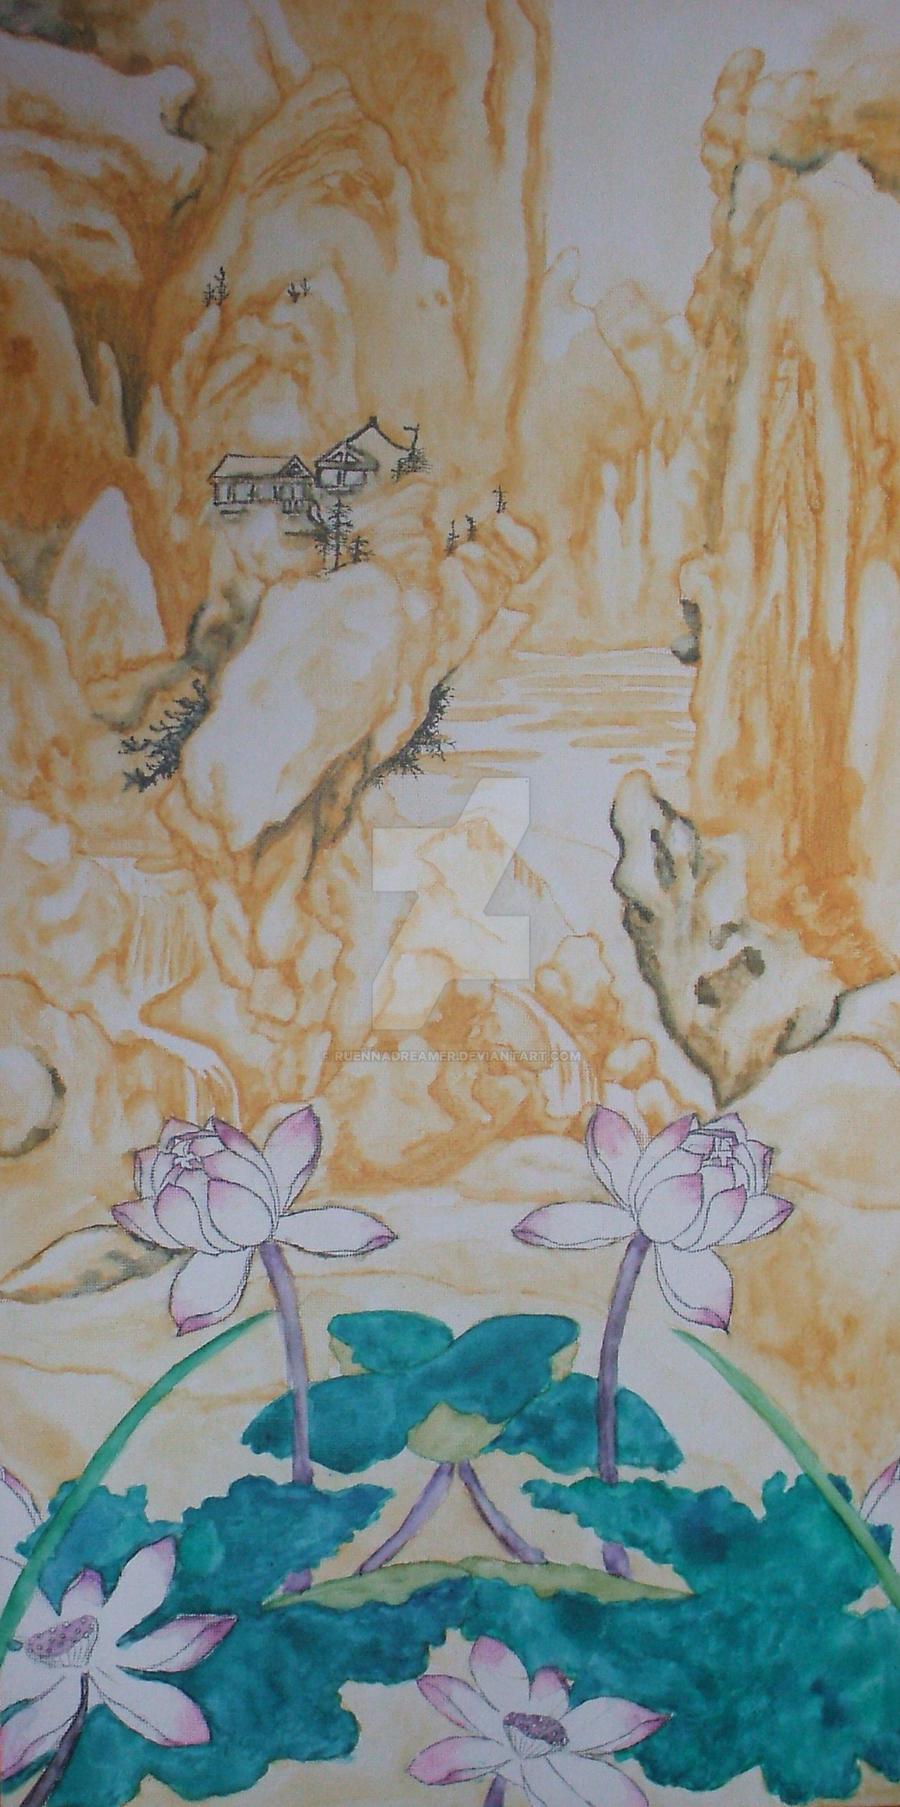 lotus blossom by ruennadreamer